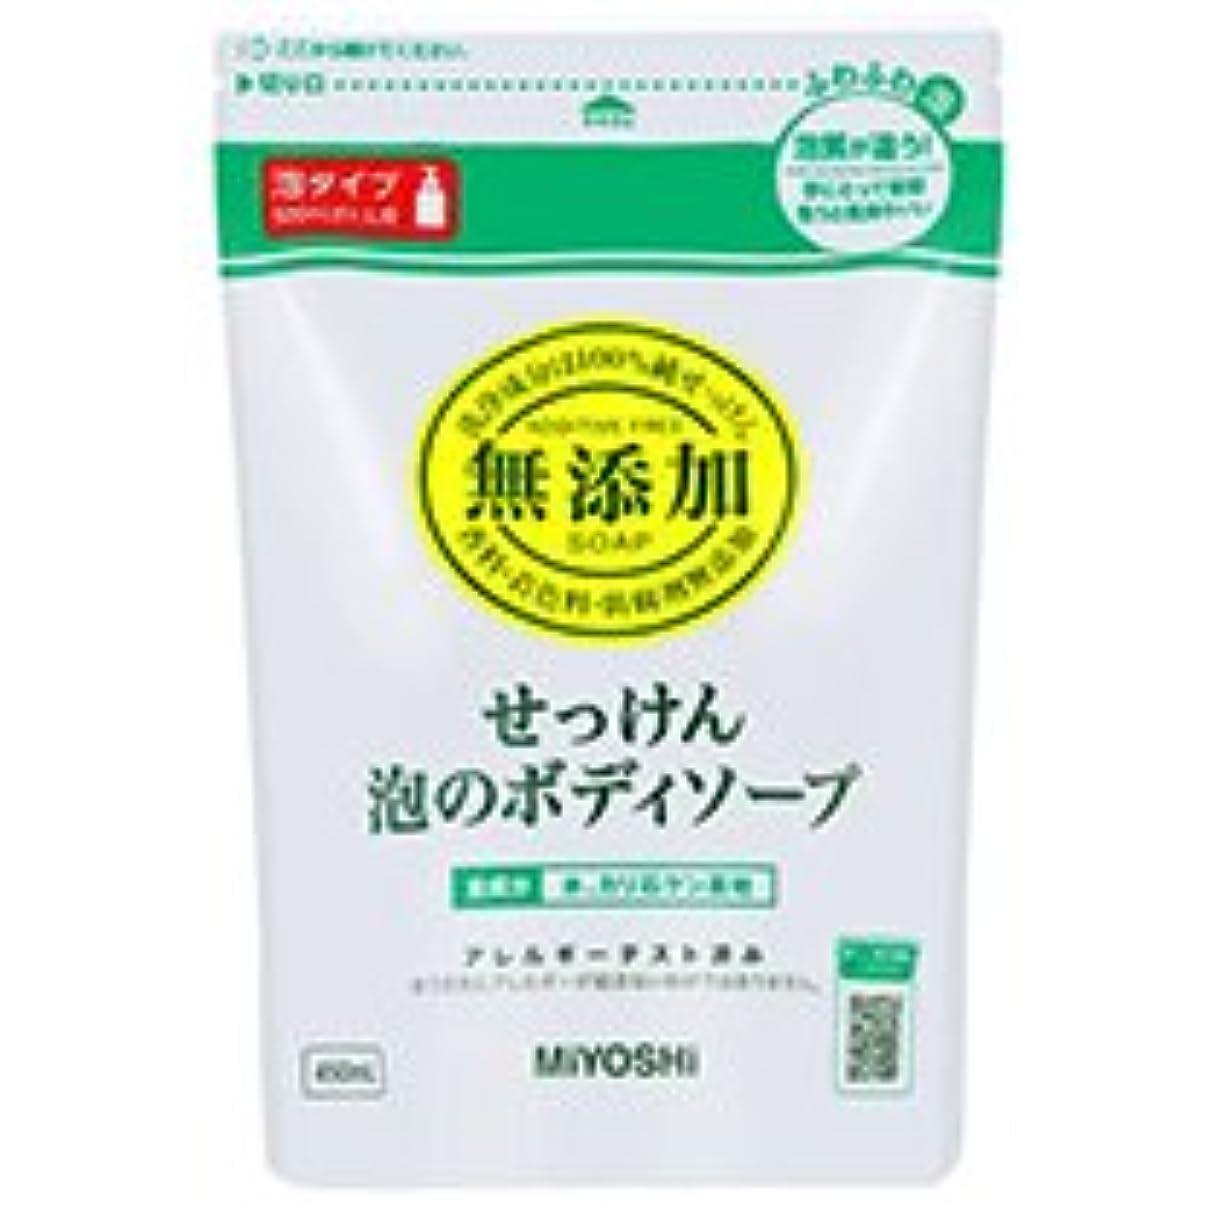 サミュエル厳密にクロニクルミヨシ石鹸 無添加せっけん 泡のボディソープ 詰替用 450ml 1個